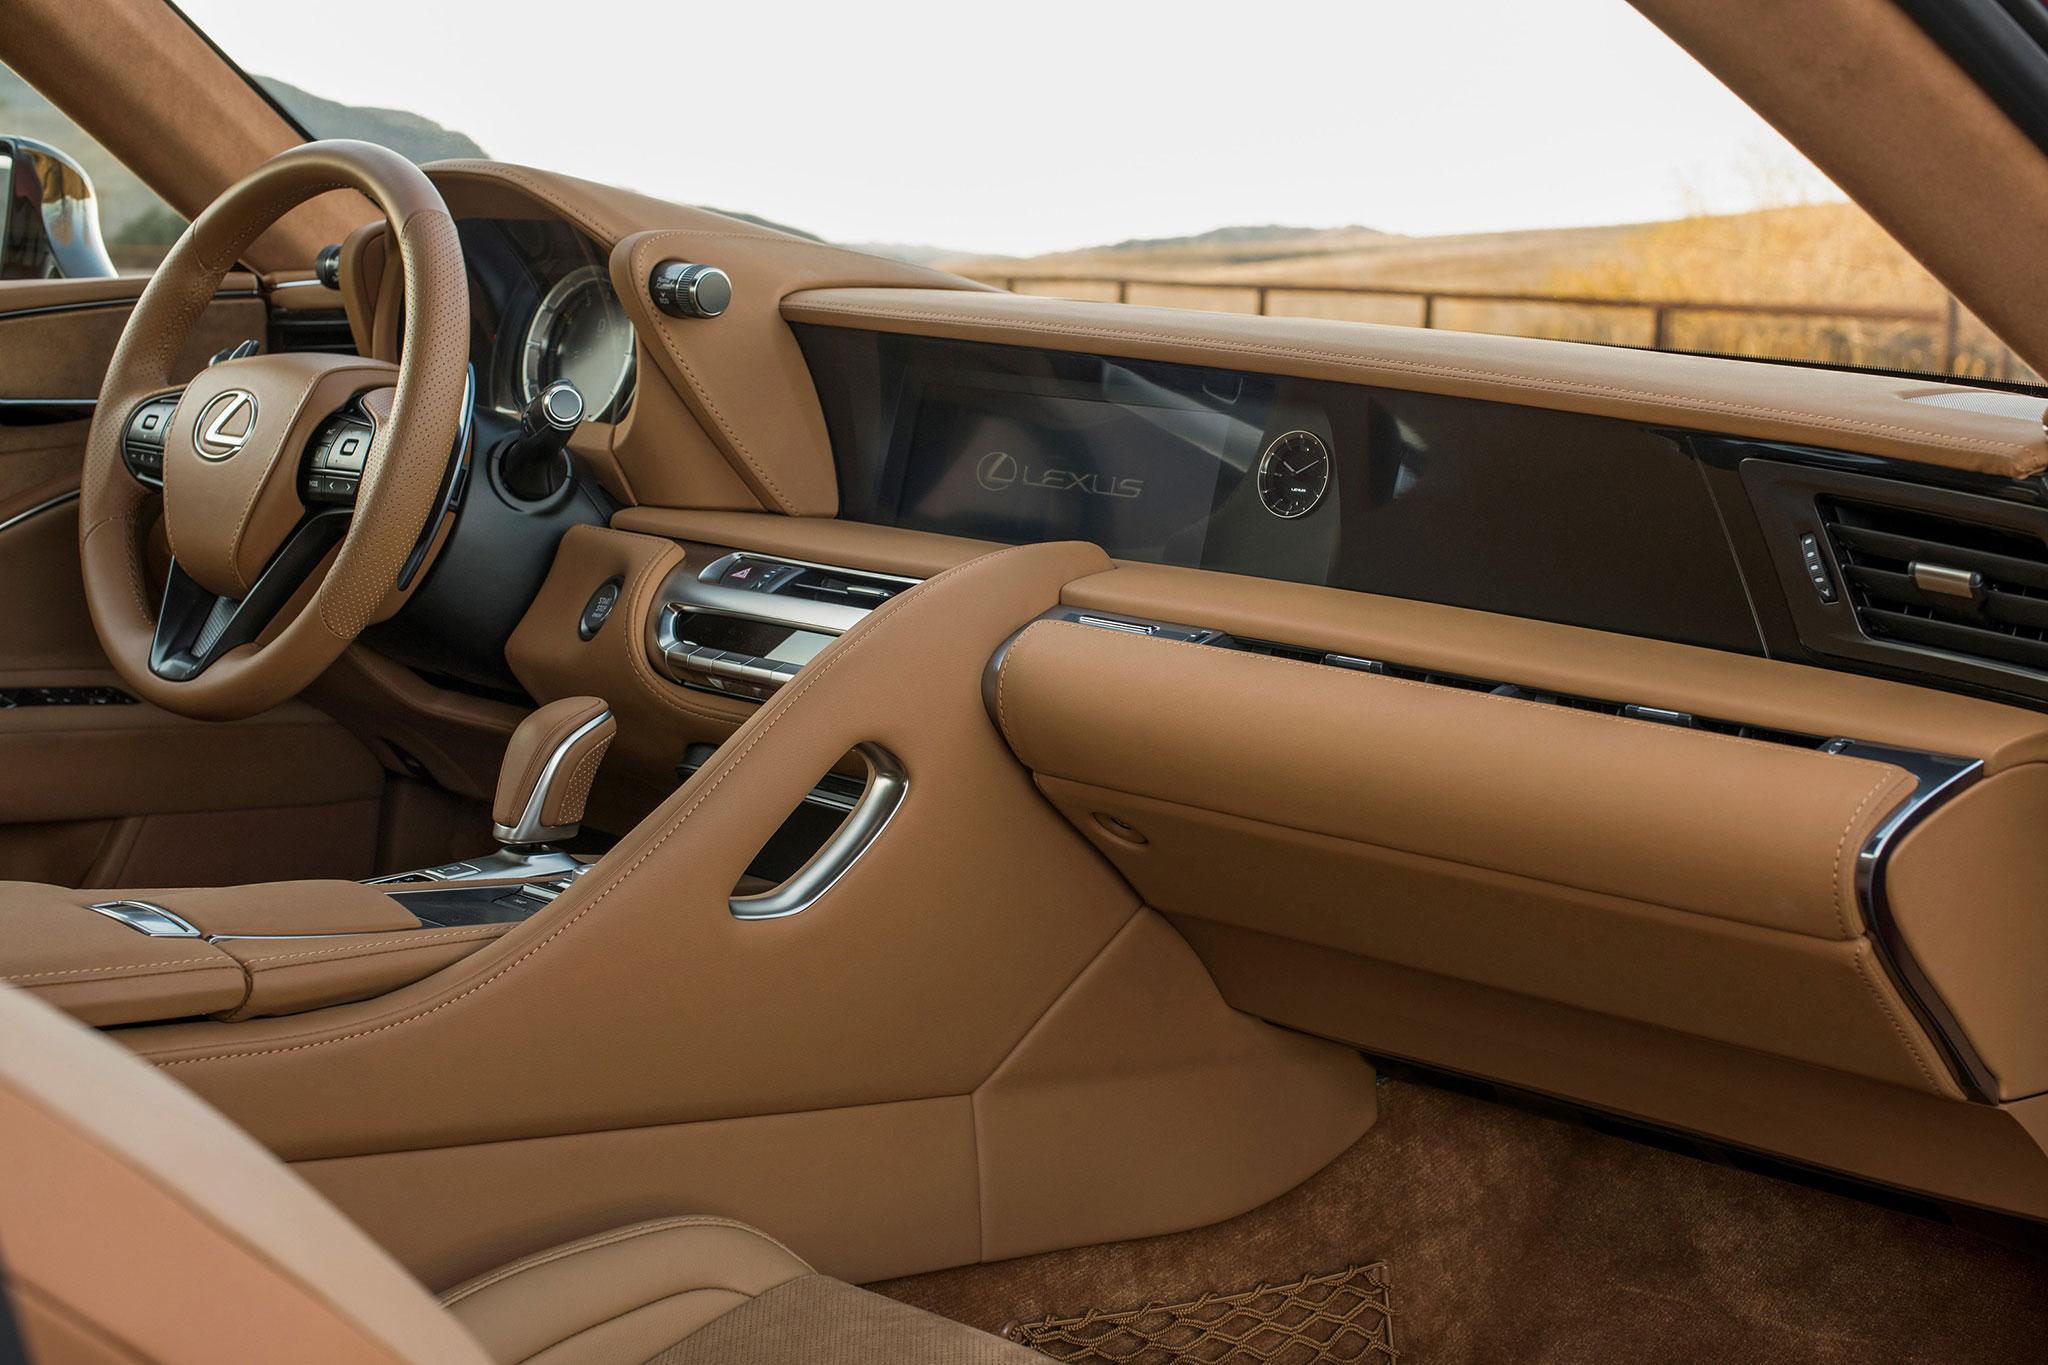 2018-Lexus-LC-500-cabin-021.jpg